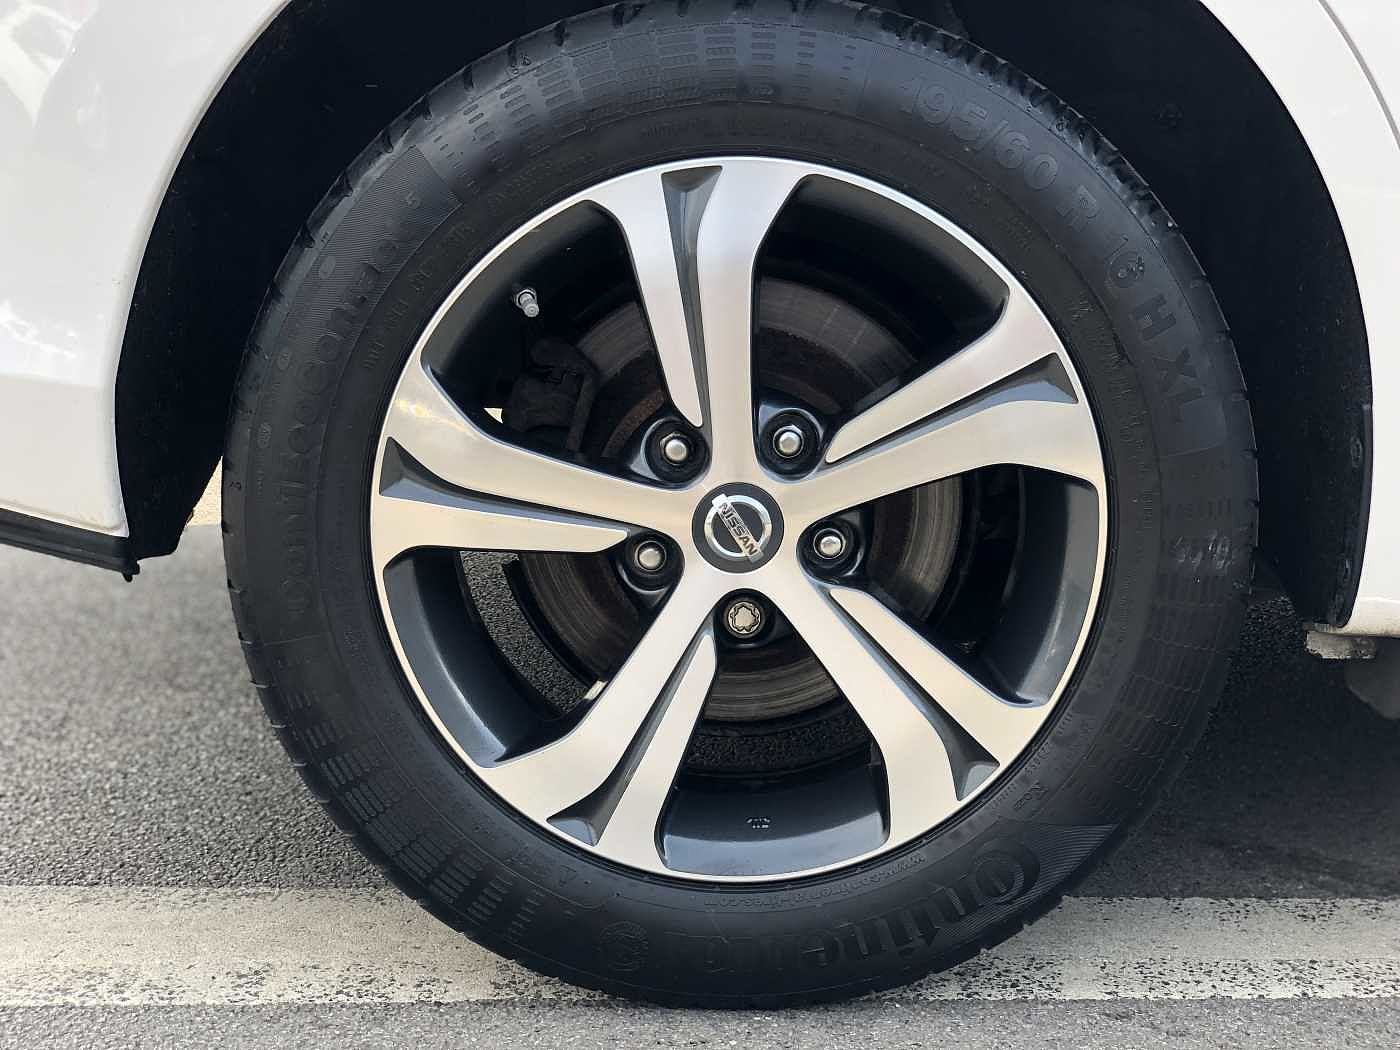 Nissan Pulsar 1.2 DiG-T [115] Acenta 5dr Hatchback